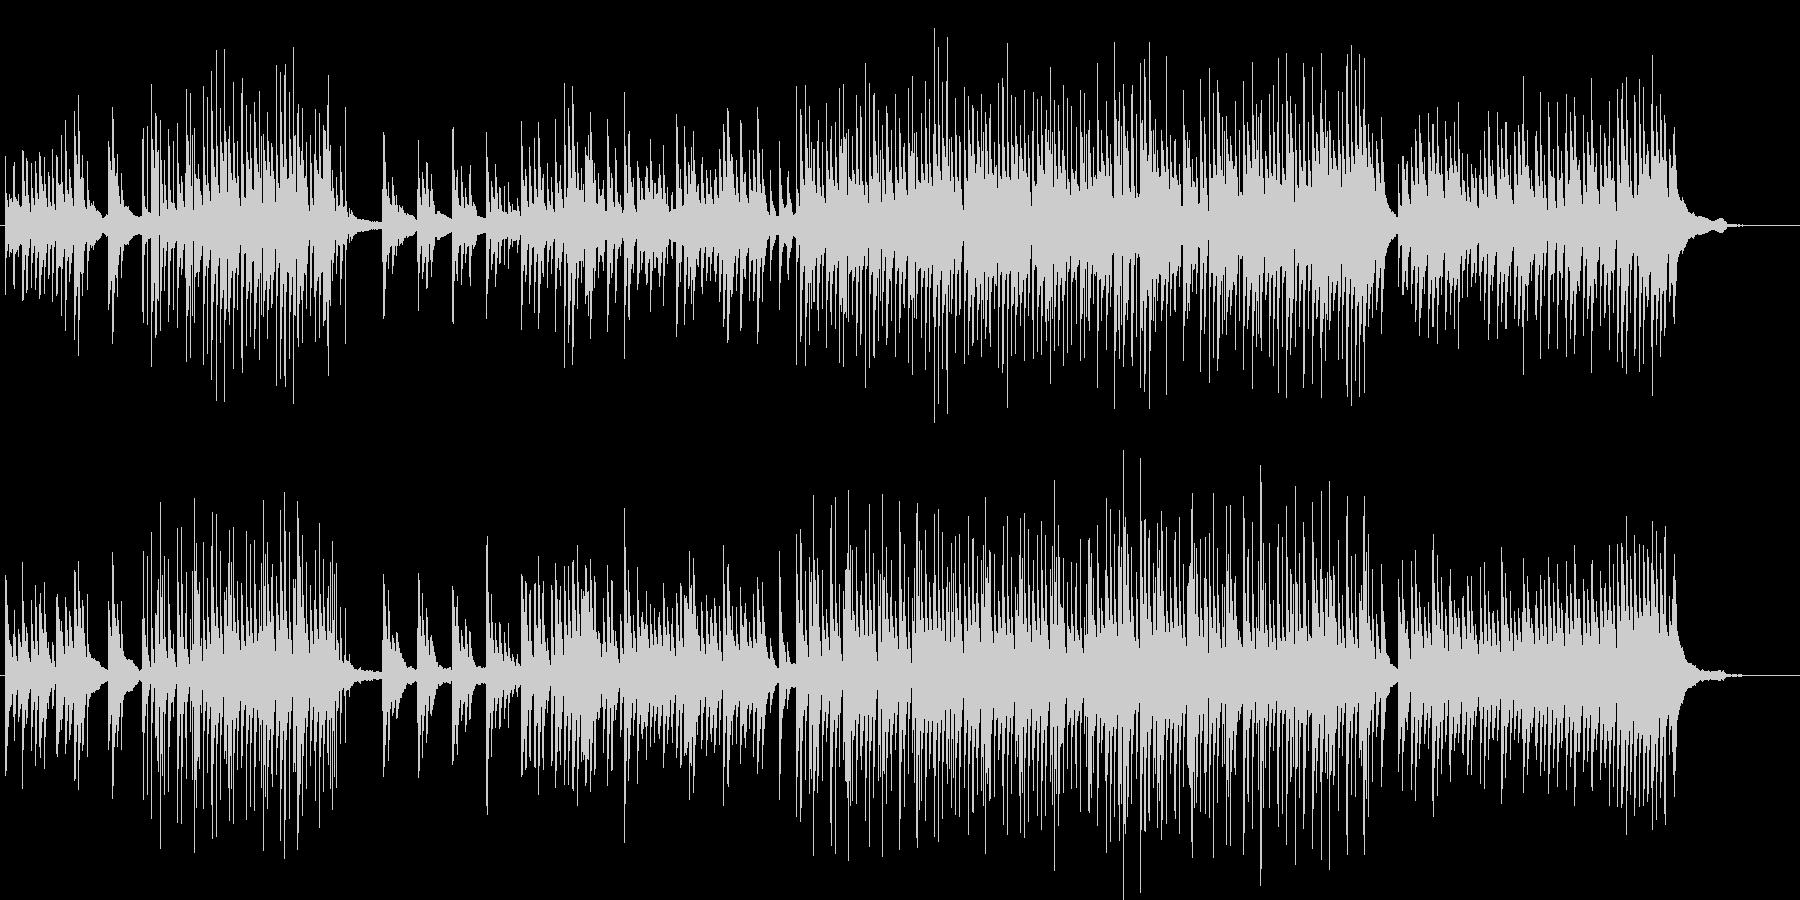 美しくミステリアスなピアノ曲の未再生の波形